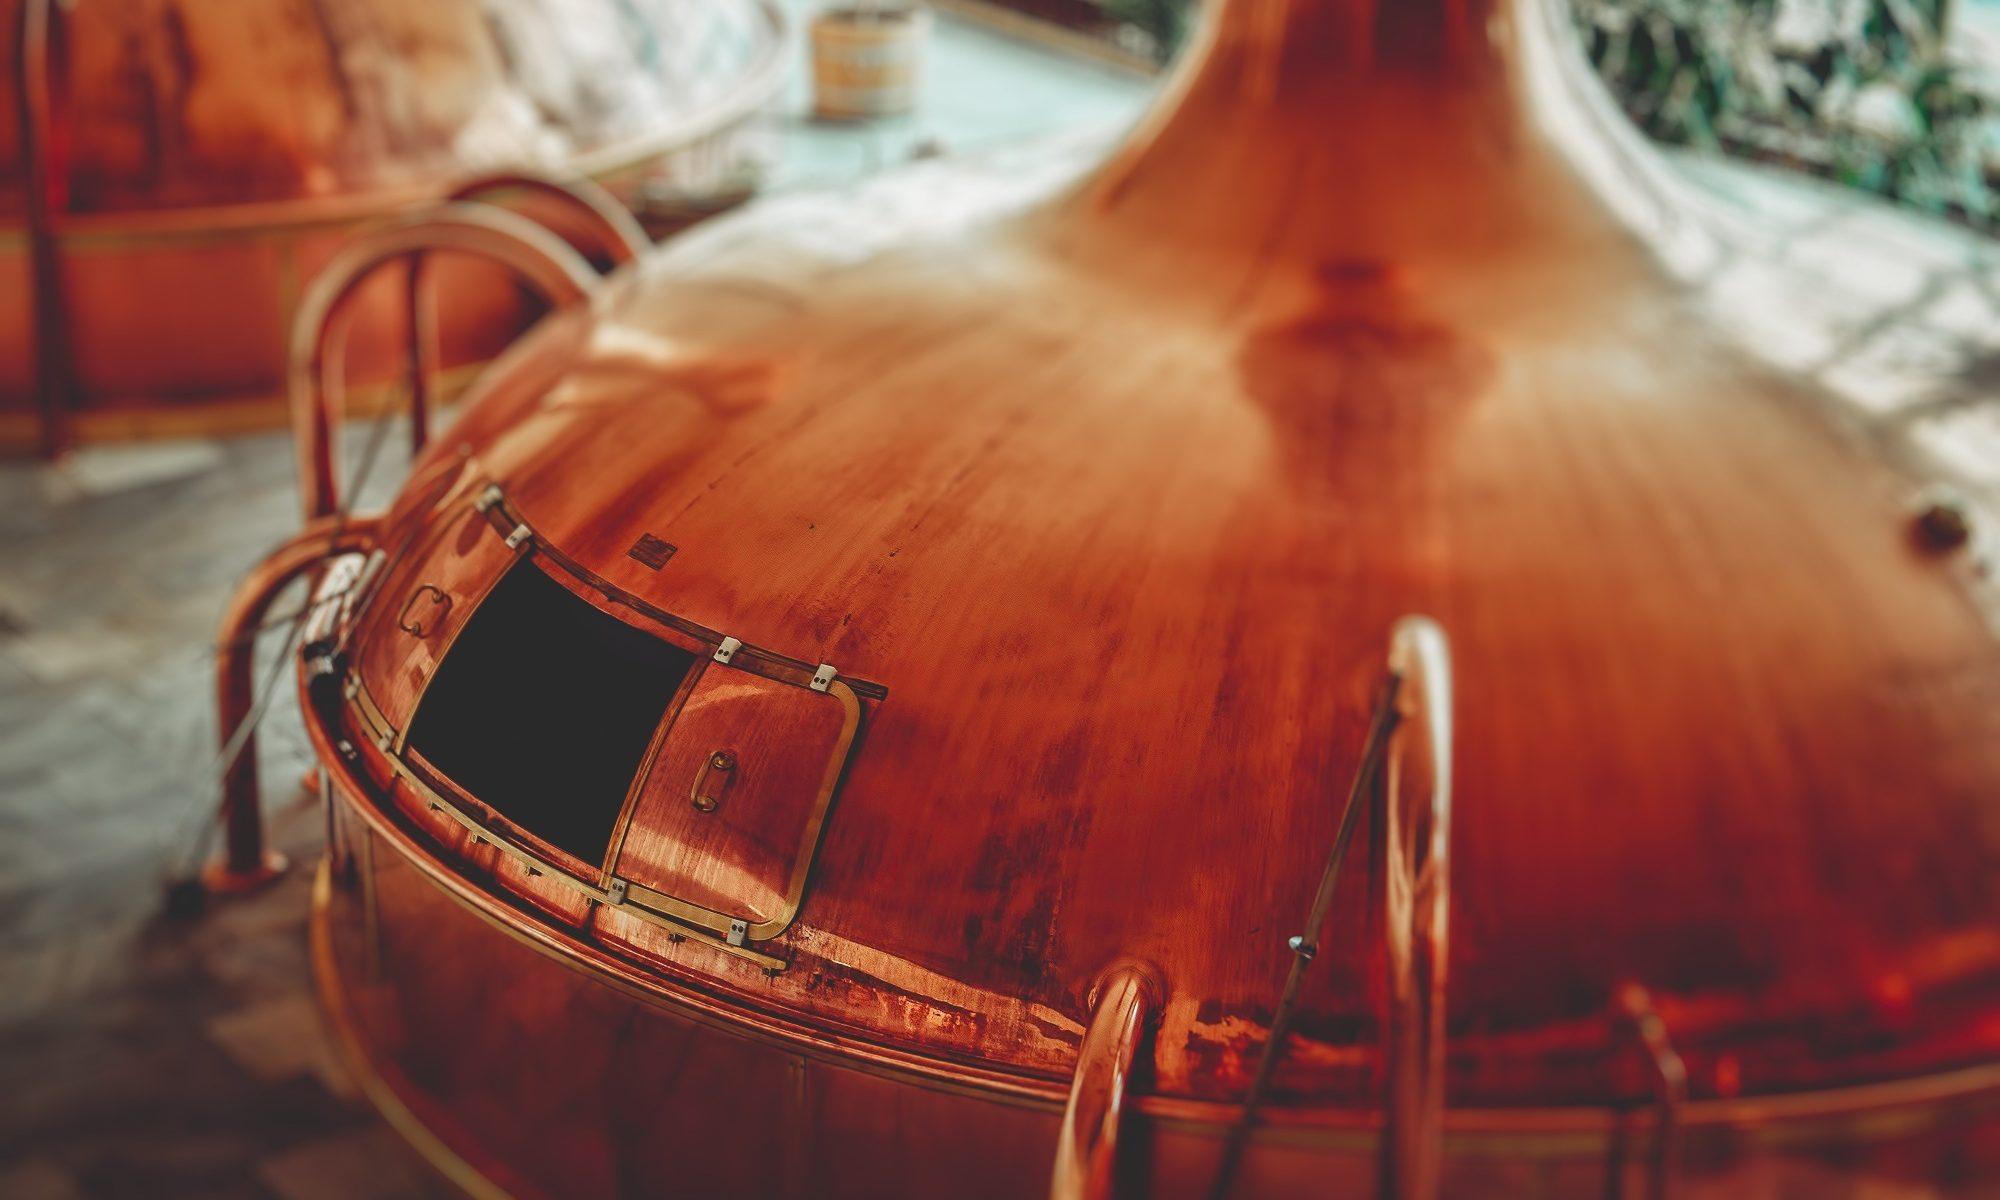 Brouwerij de Lepelaer